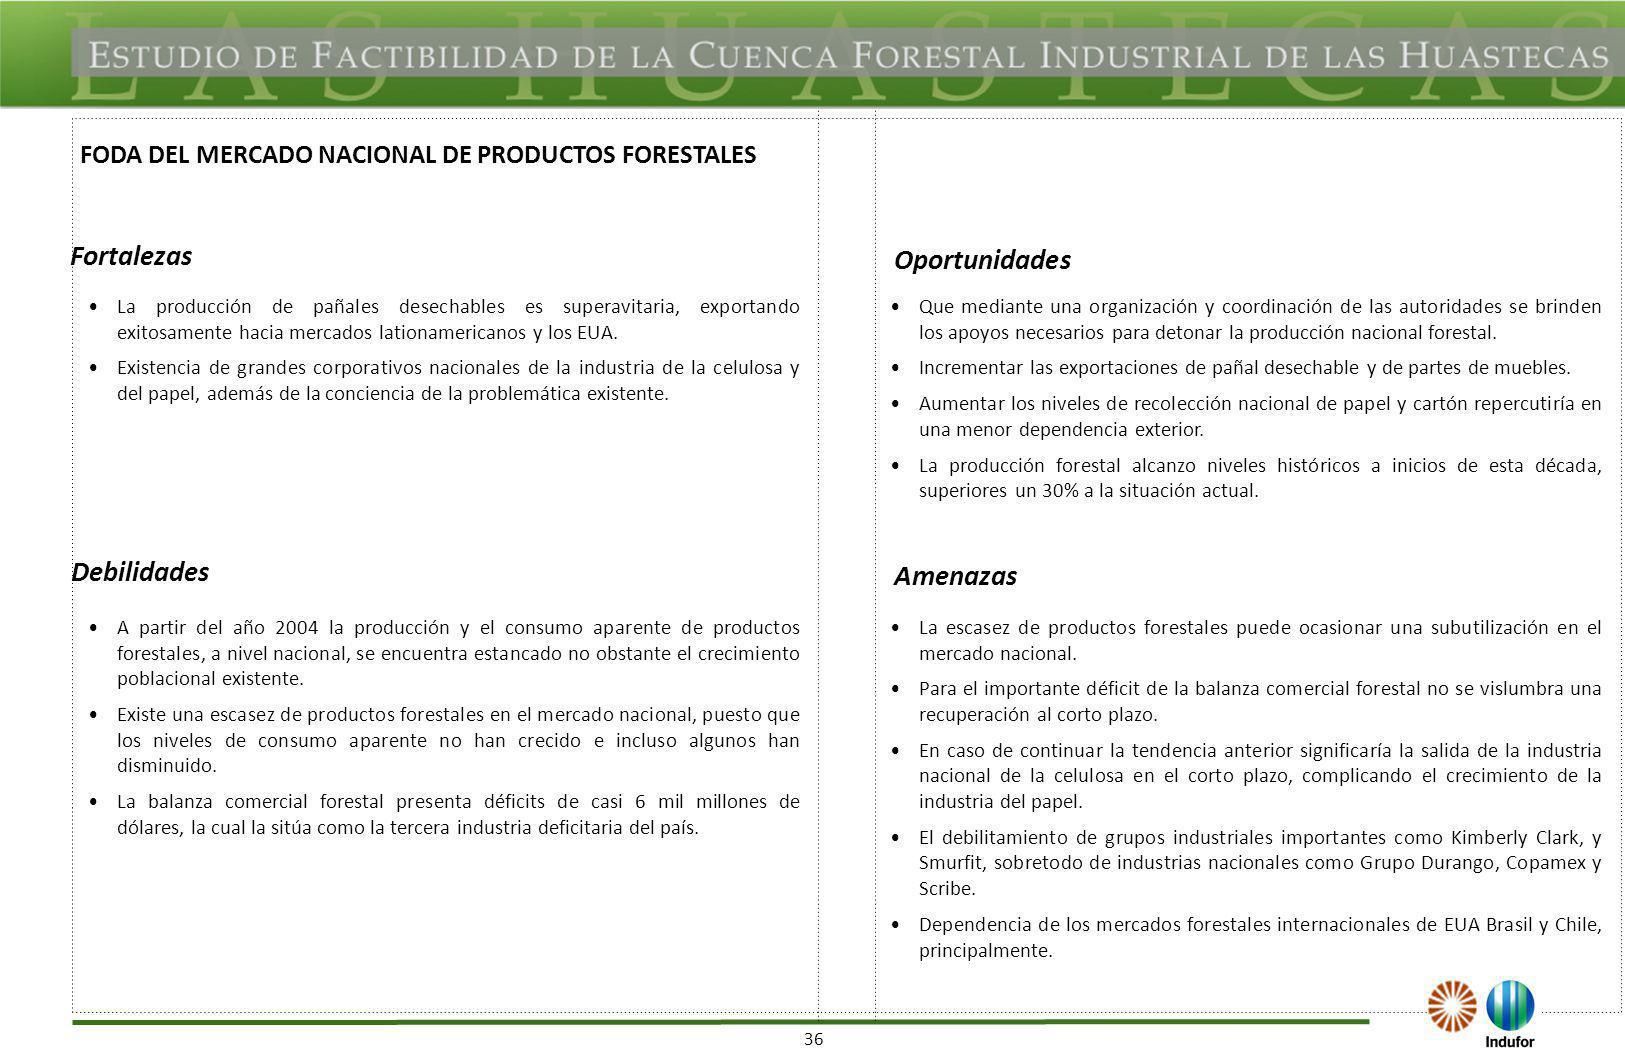 FODA DEL MERCADO INTERNACIONAL DE PRODUCTOS FORESTALES